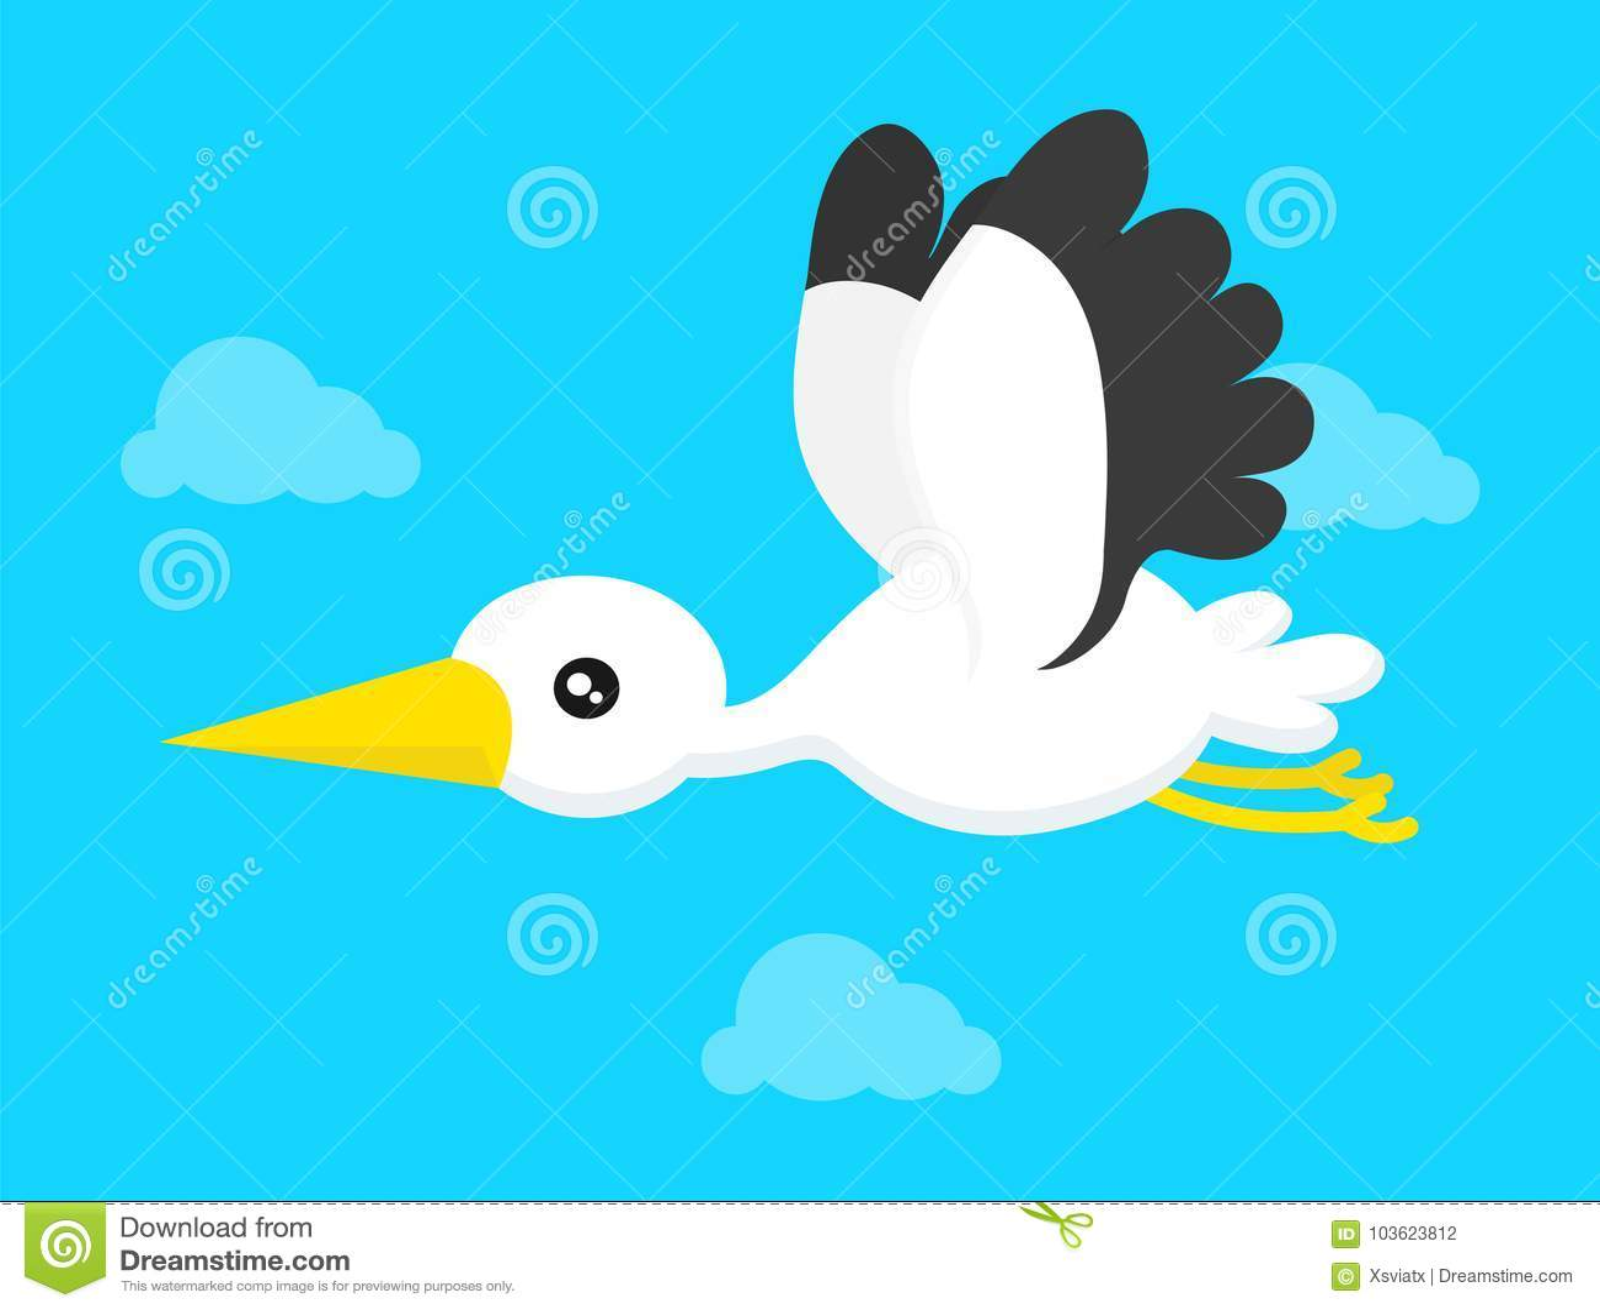 Flying stork in blue sky. Vector modern flat